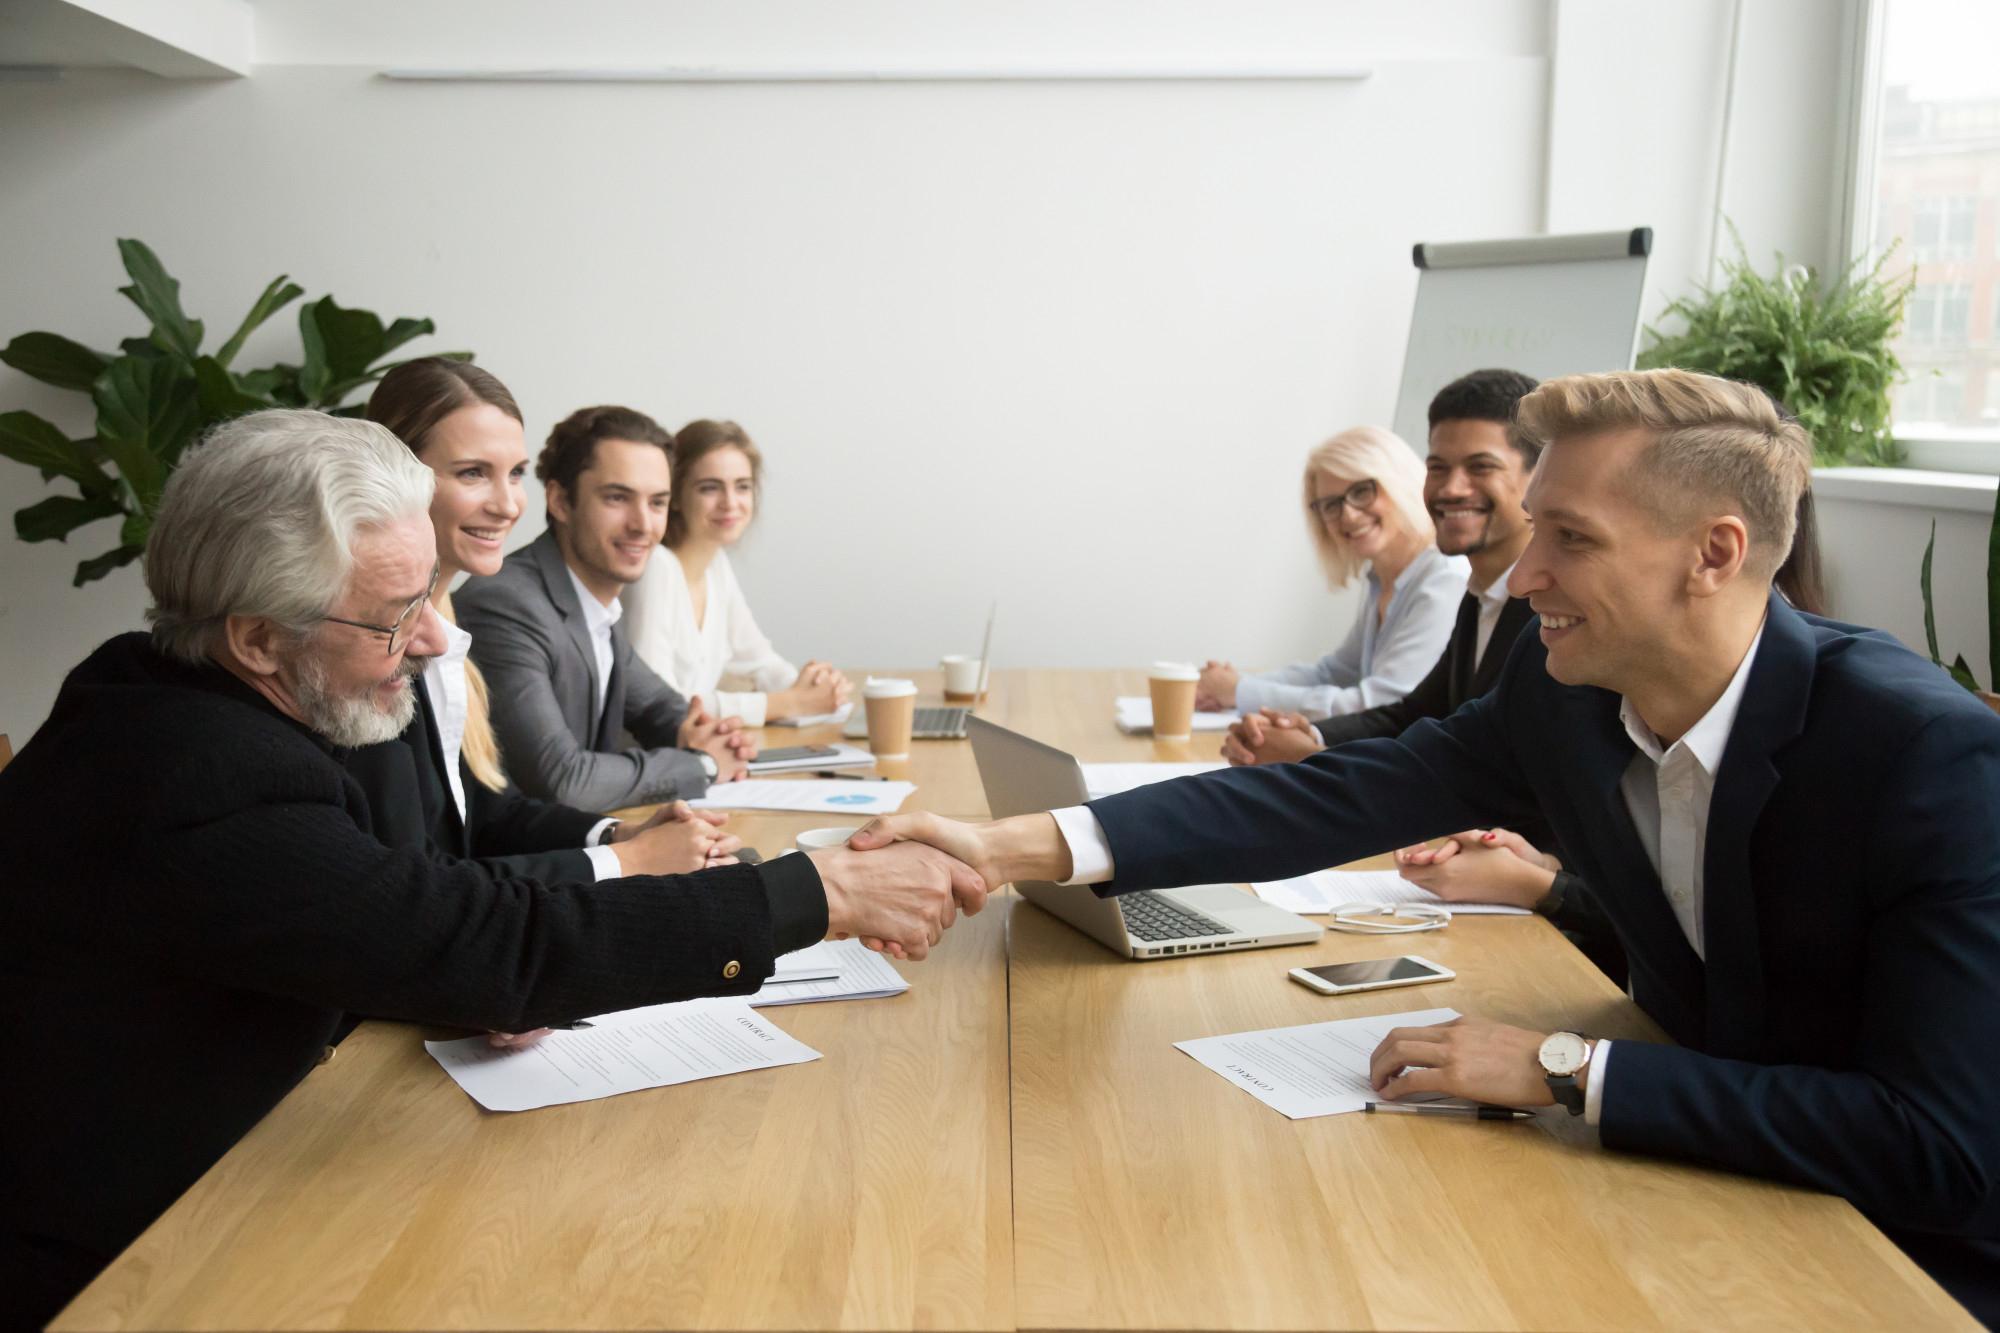 senior-investor-buying-startup-handshaking-young-entrepreneur-group-meeting